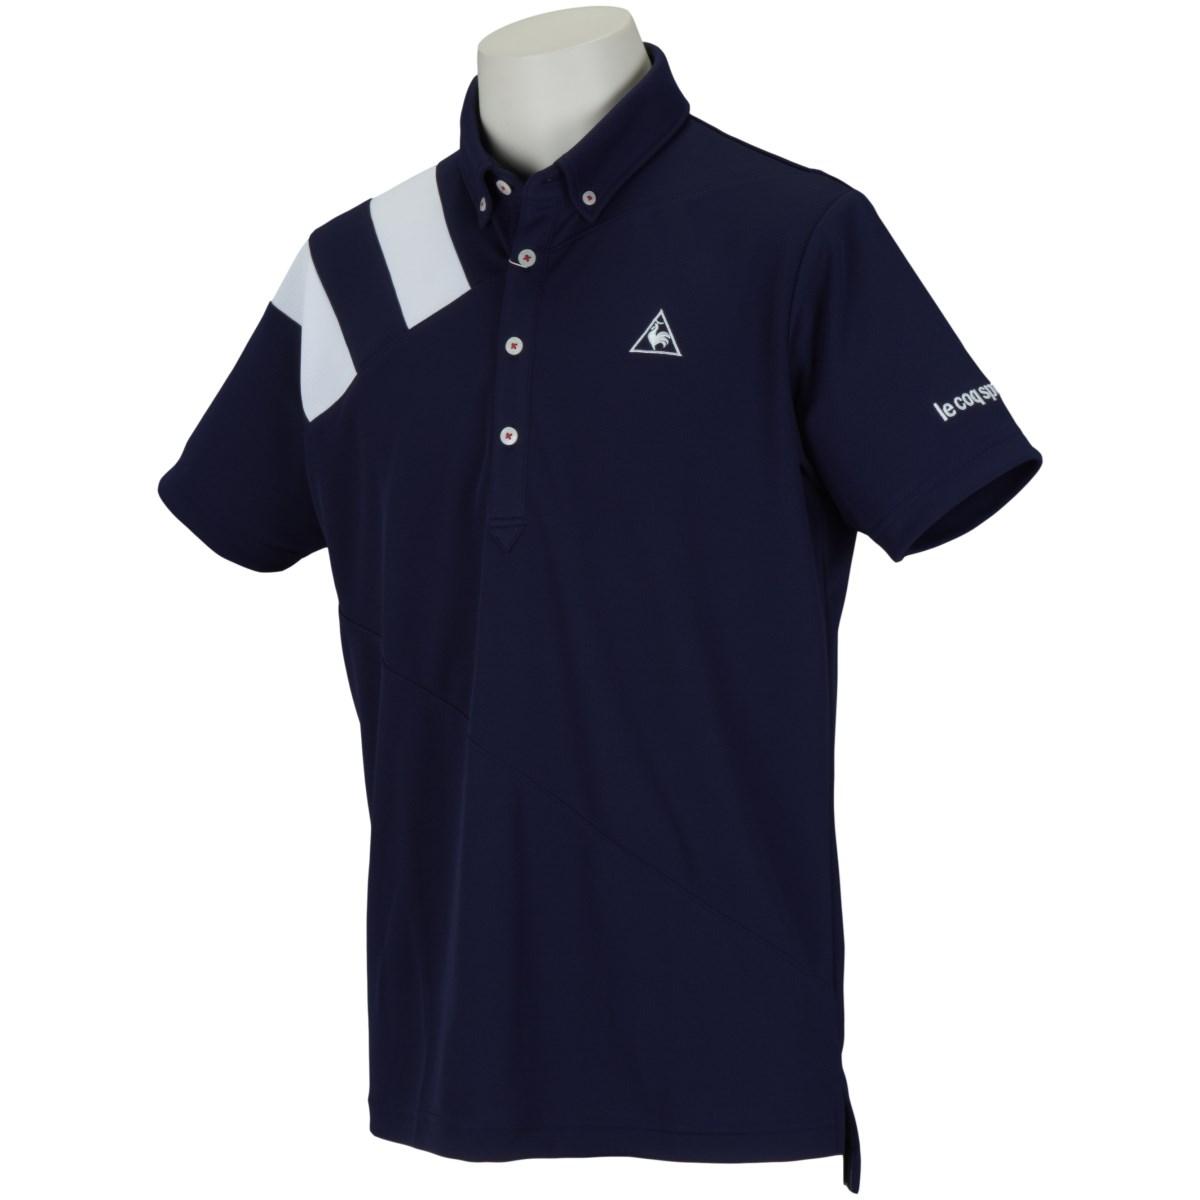 ルコックゴルフ Le coq sportif GOLF ボタンダウン半袖ポロシャツ M ネイビー 00